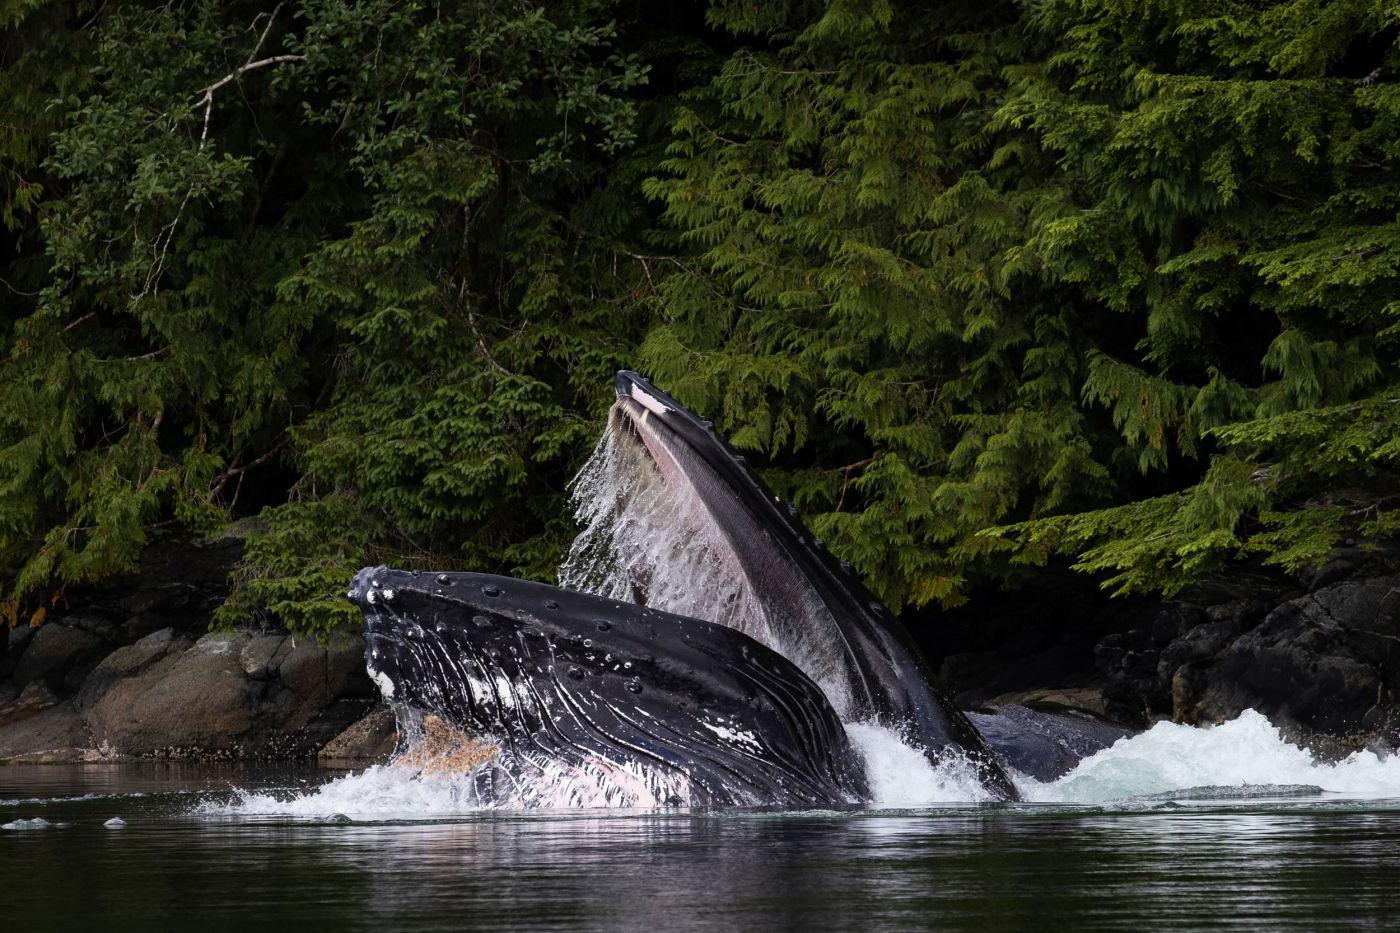 whale-bubble-net-feeding-042.jpg